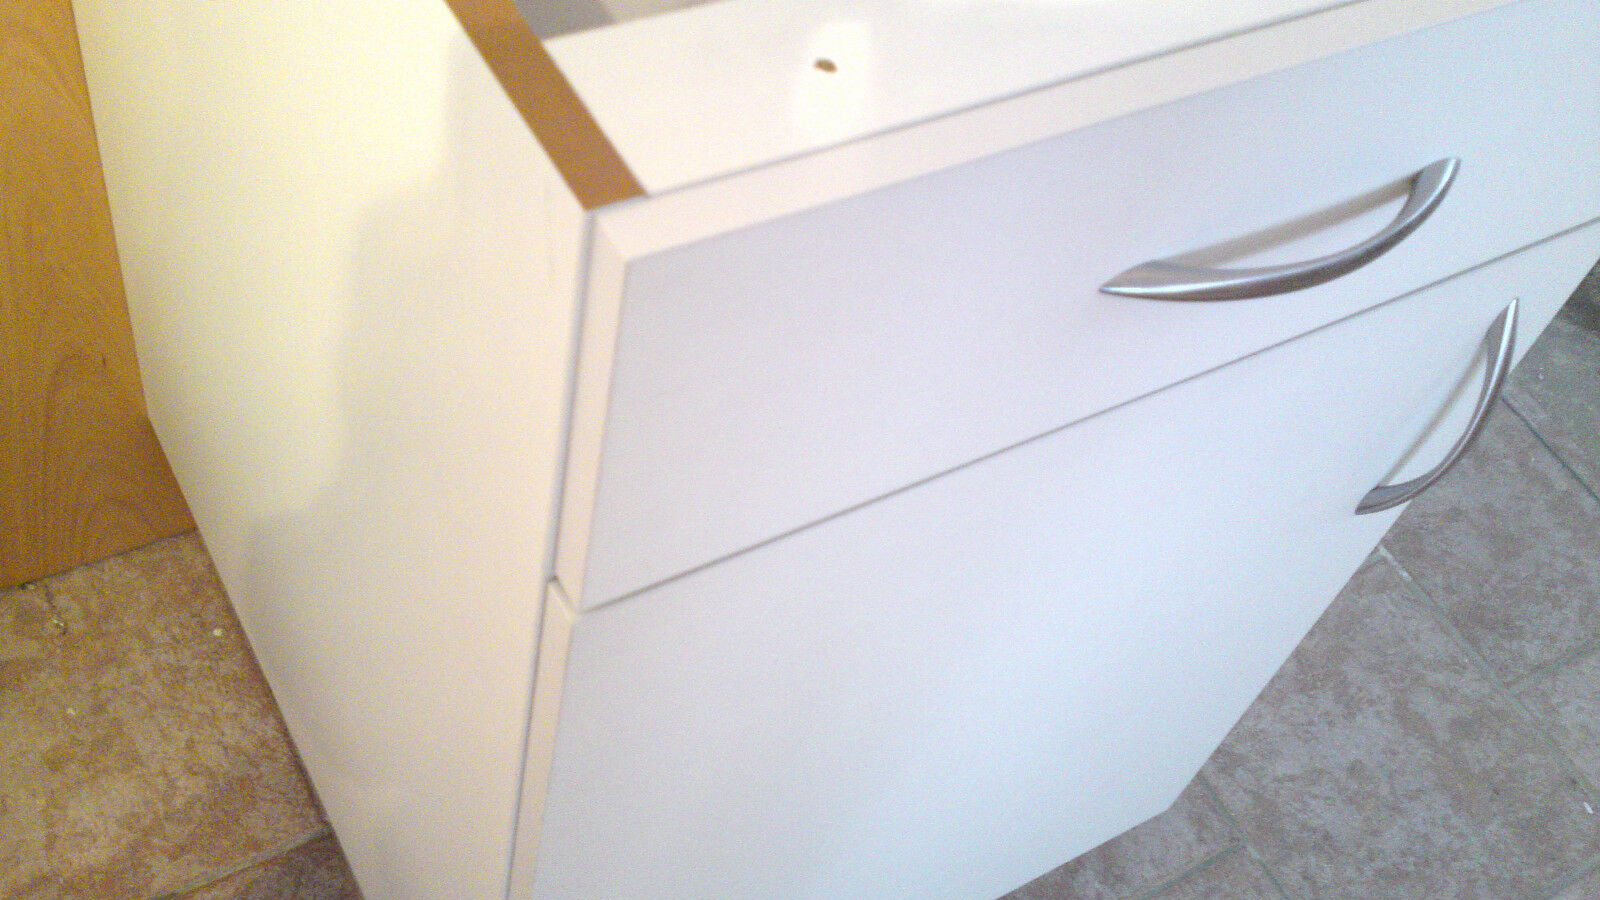 einbauk che mankafit 7 anthrazit k chenzeile 280 cm mit. Black Bedroom Furniture Sets. Home Design Ideas